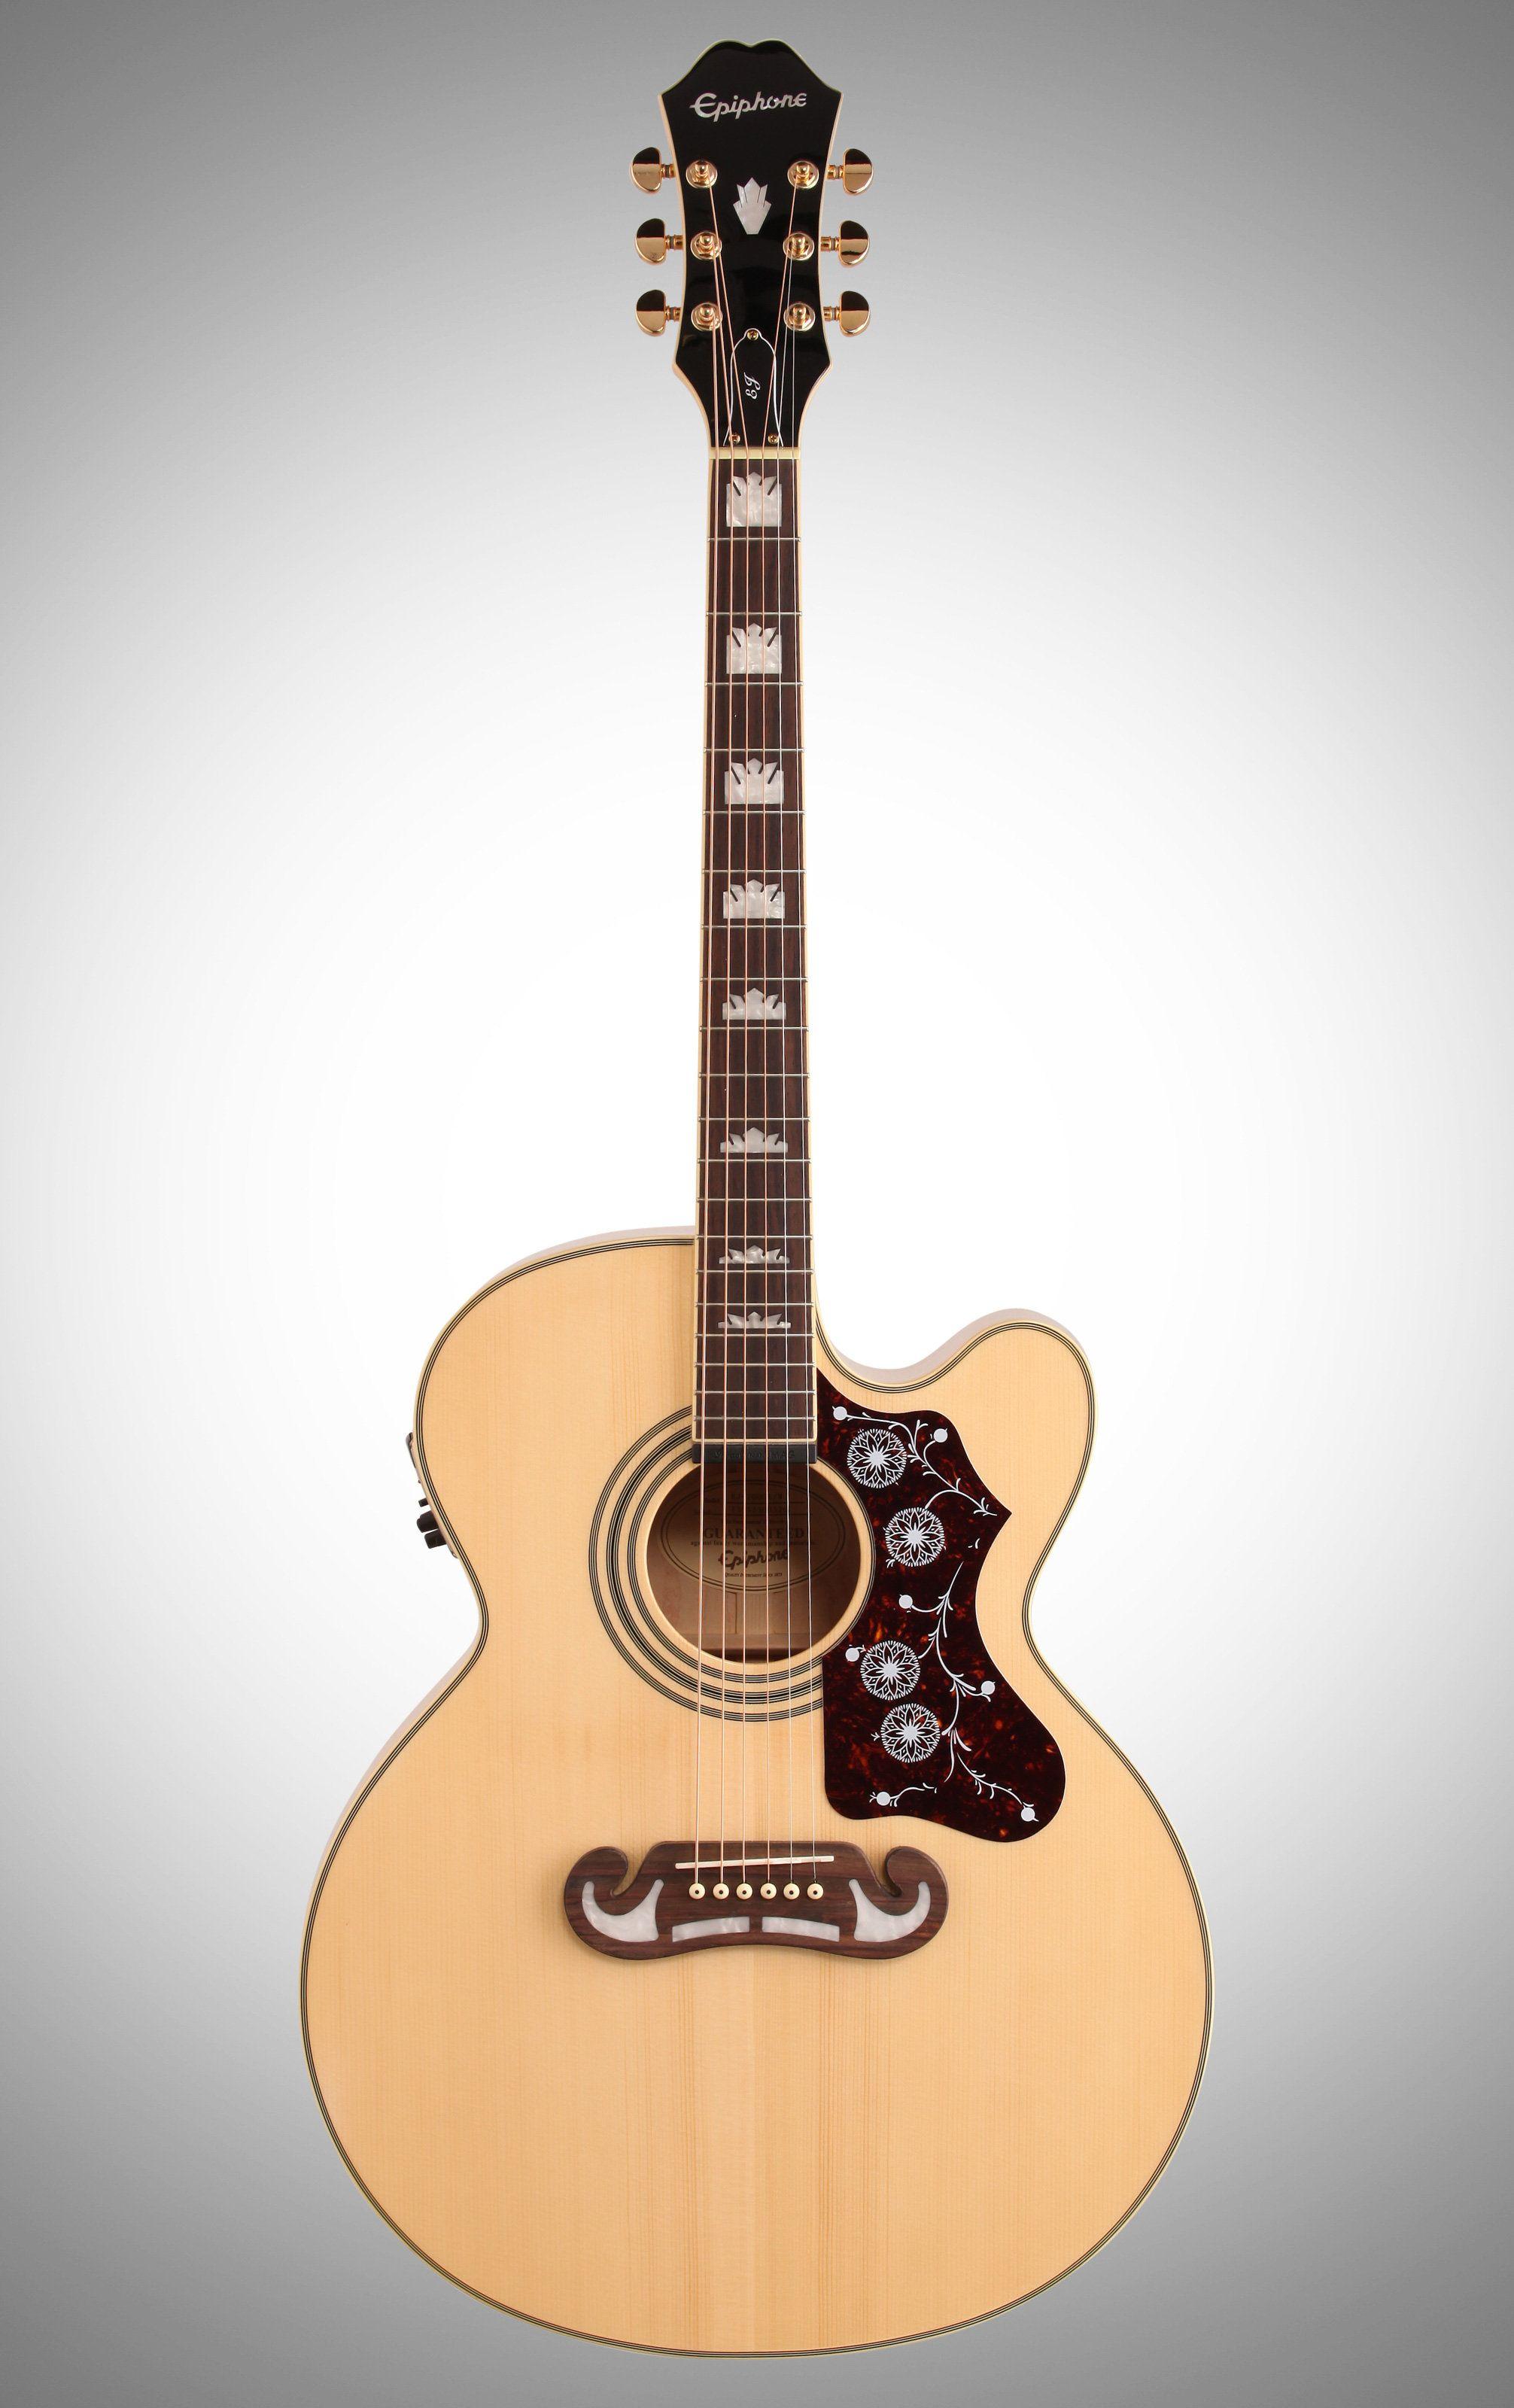 Epiphone Ej 200sce Jumbo Cutaway Guitar Epiphone Guitar Acoustic Guitar